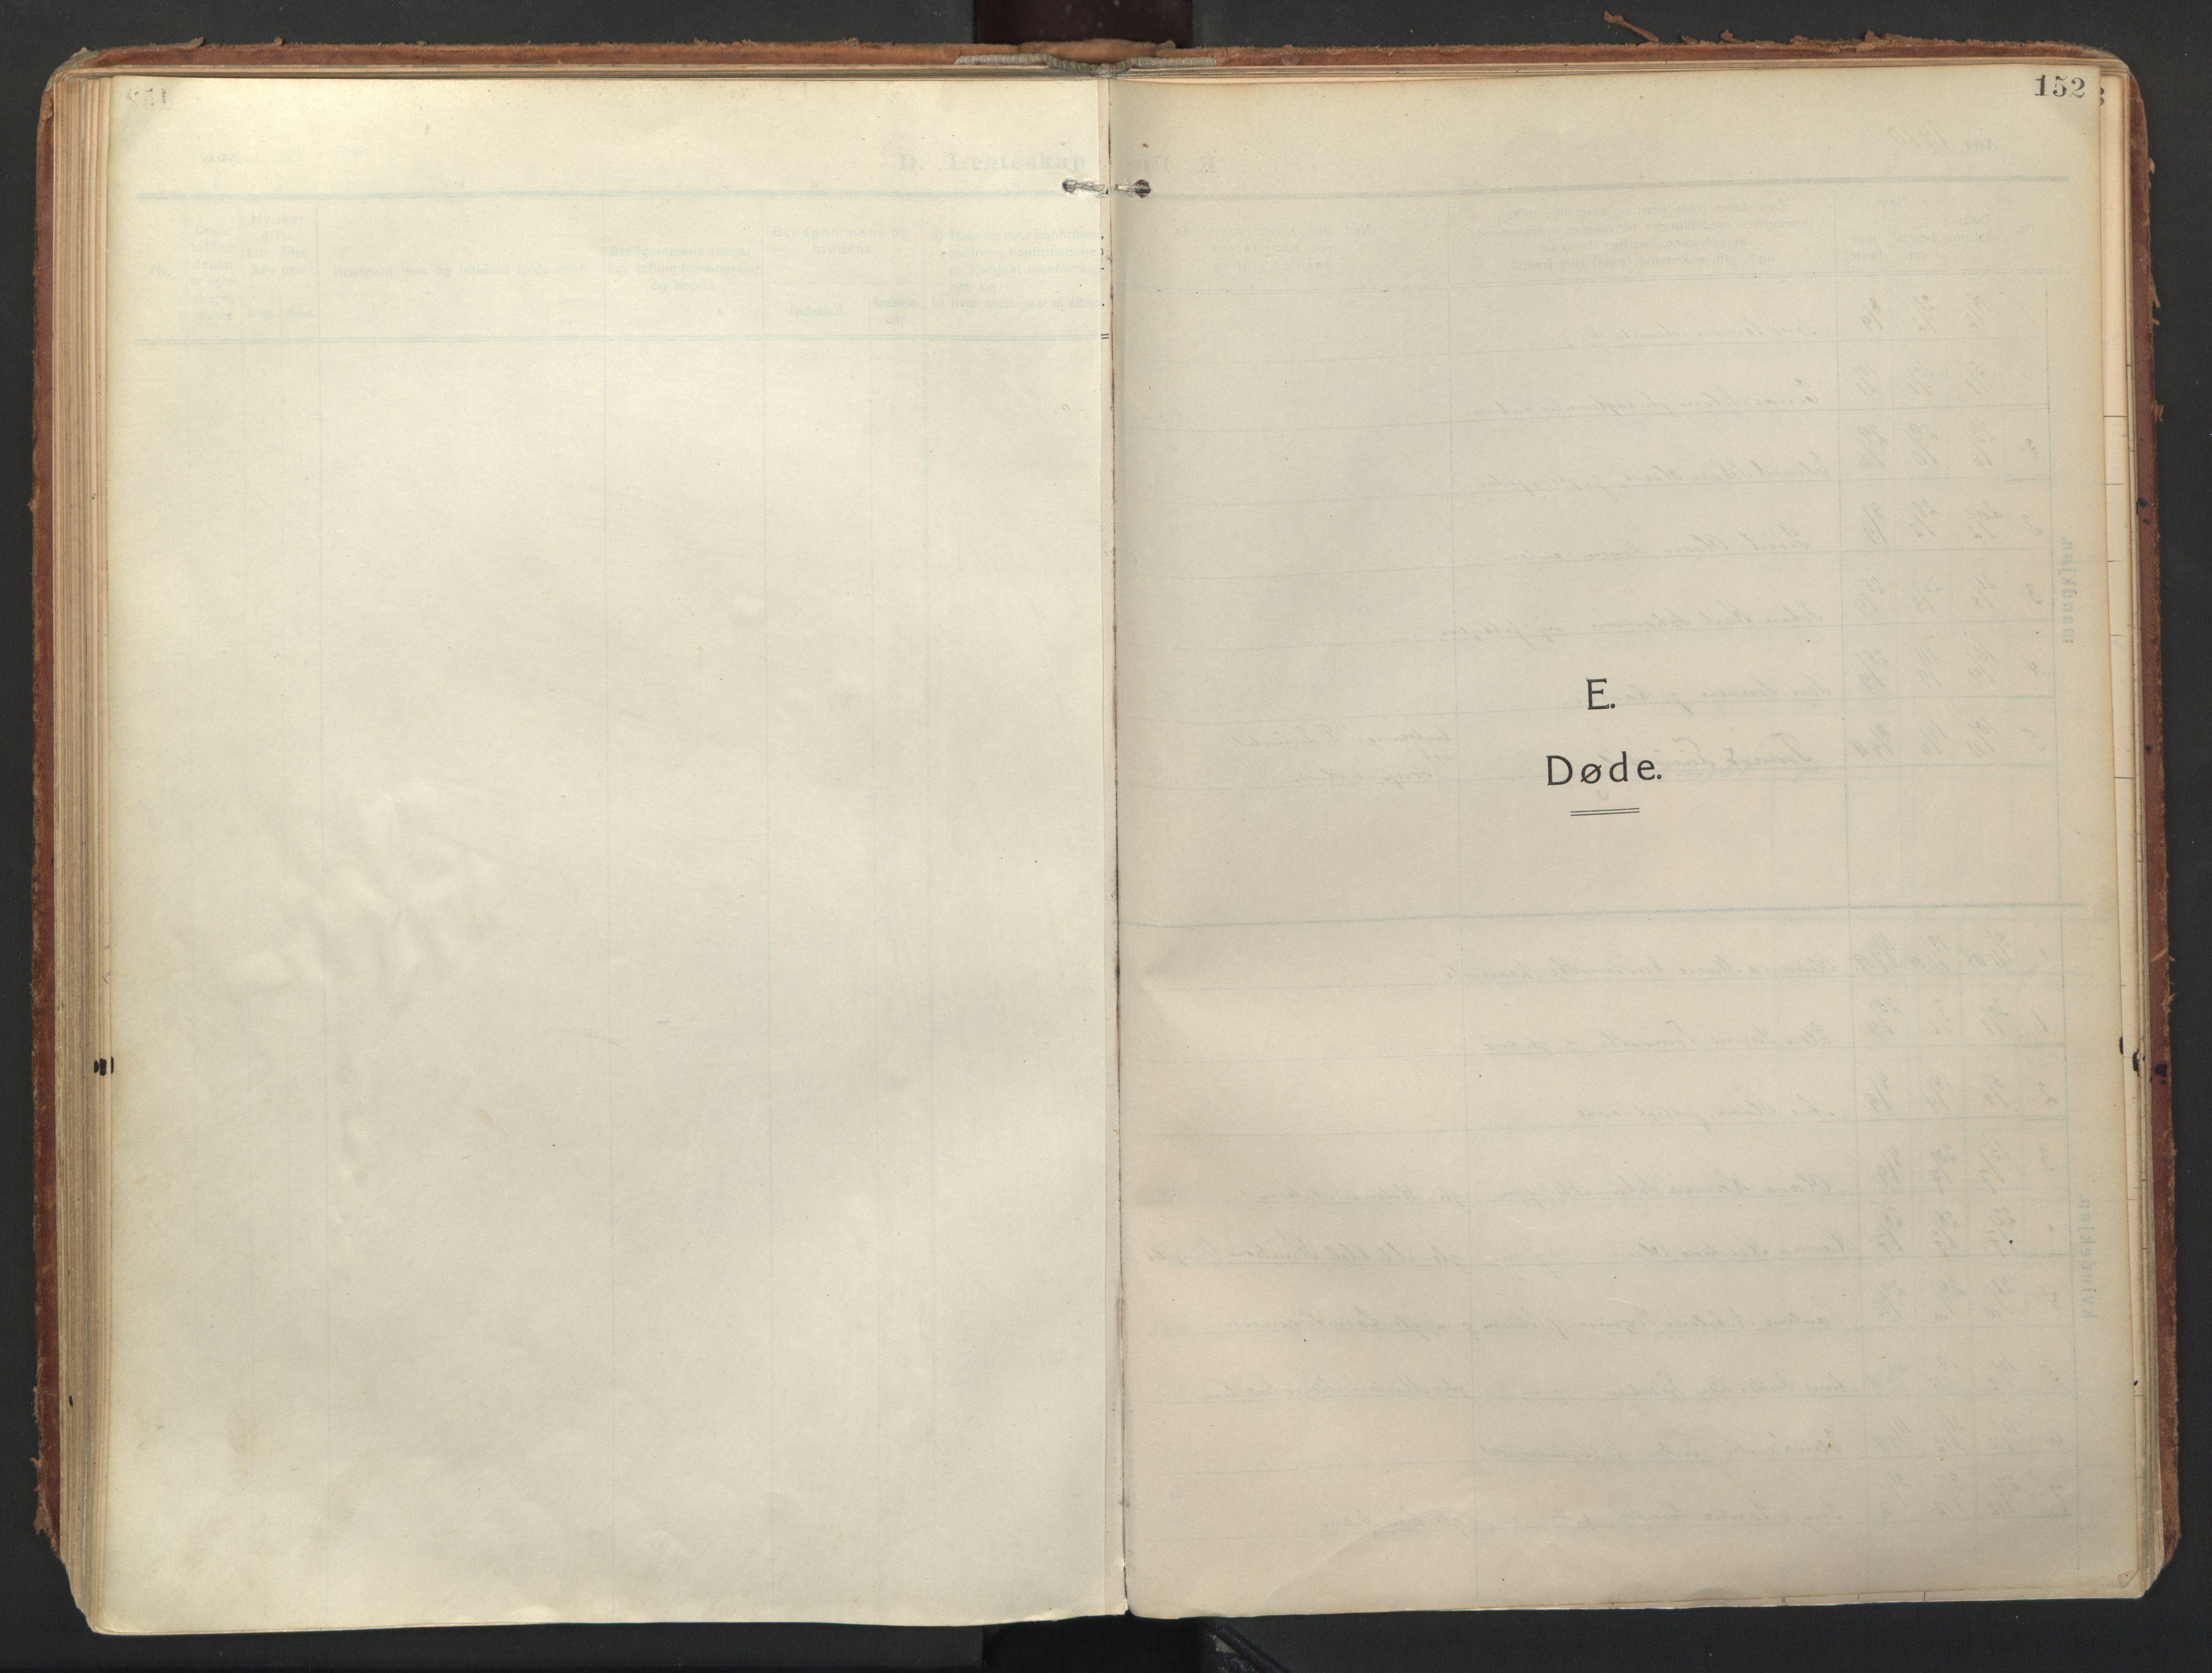 SATØ, Balsfjord sokneprestembete, Ministerialbok nr. 8, 1910-1927, s. 152